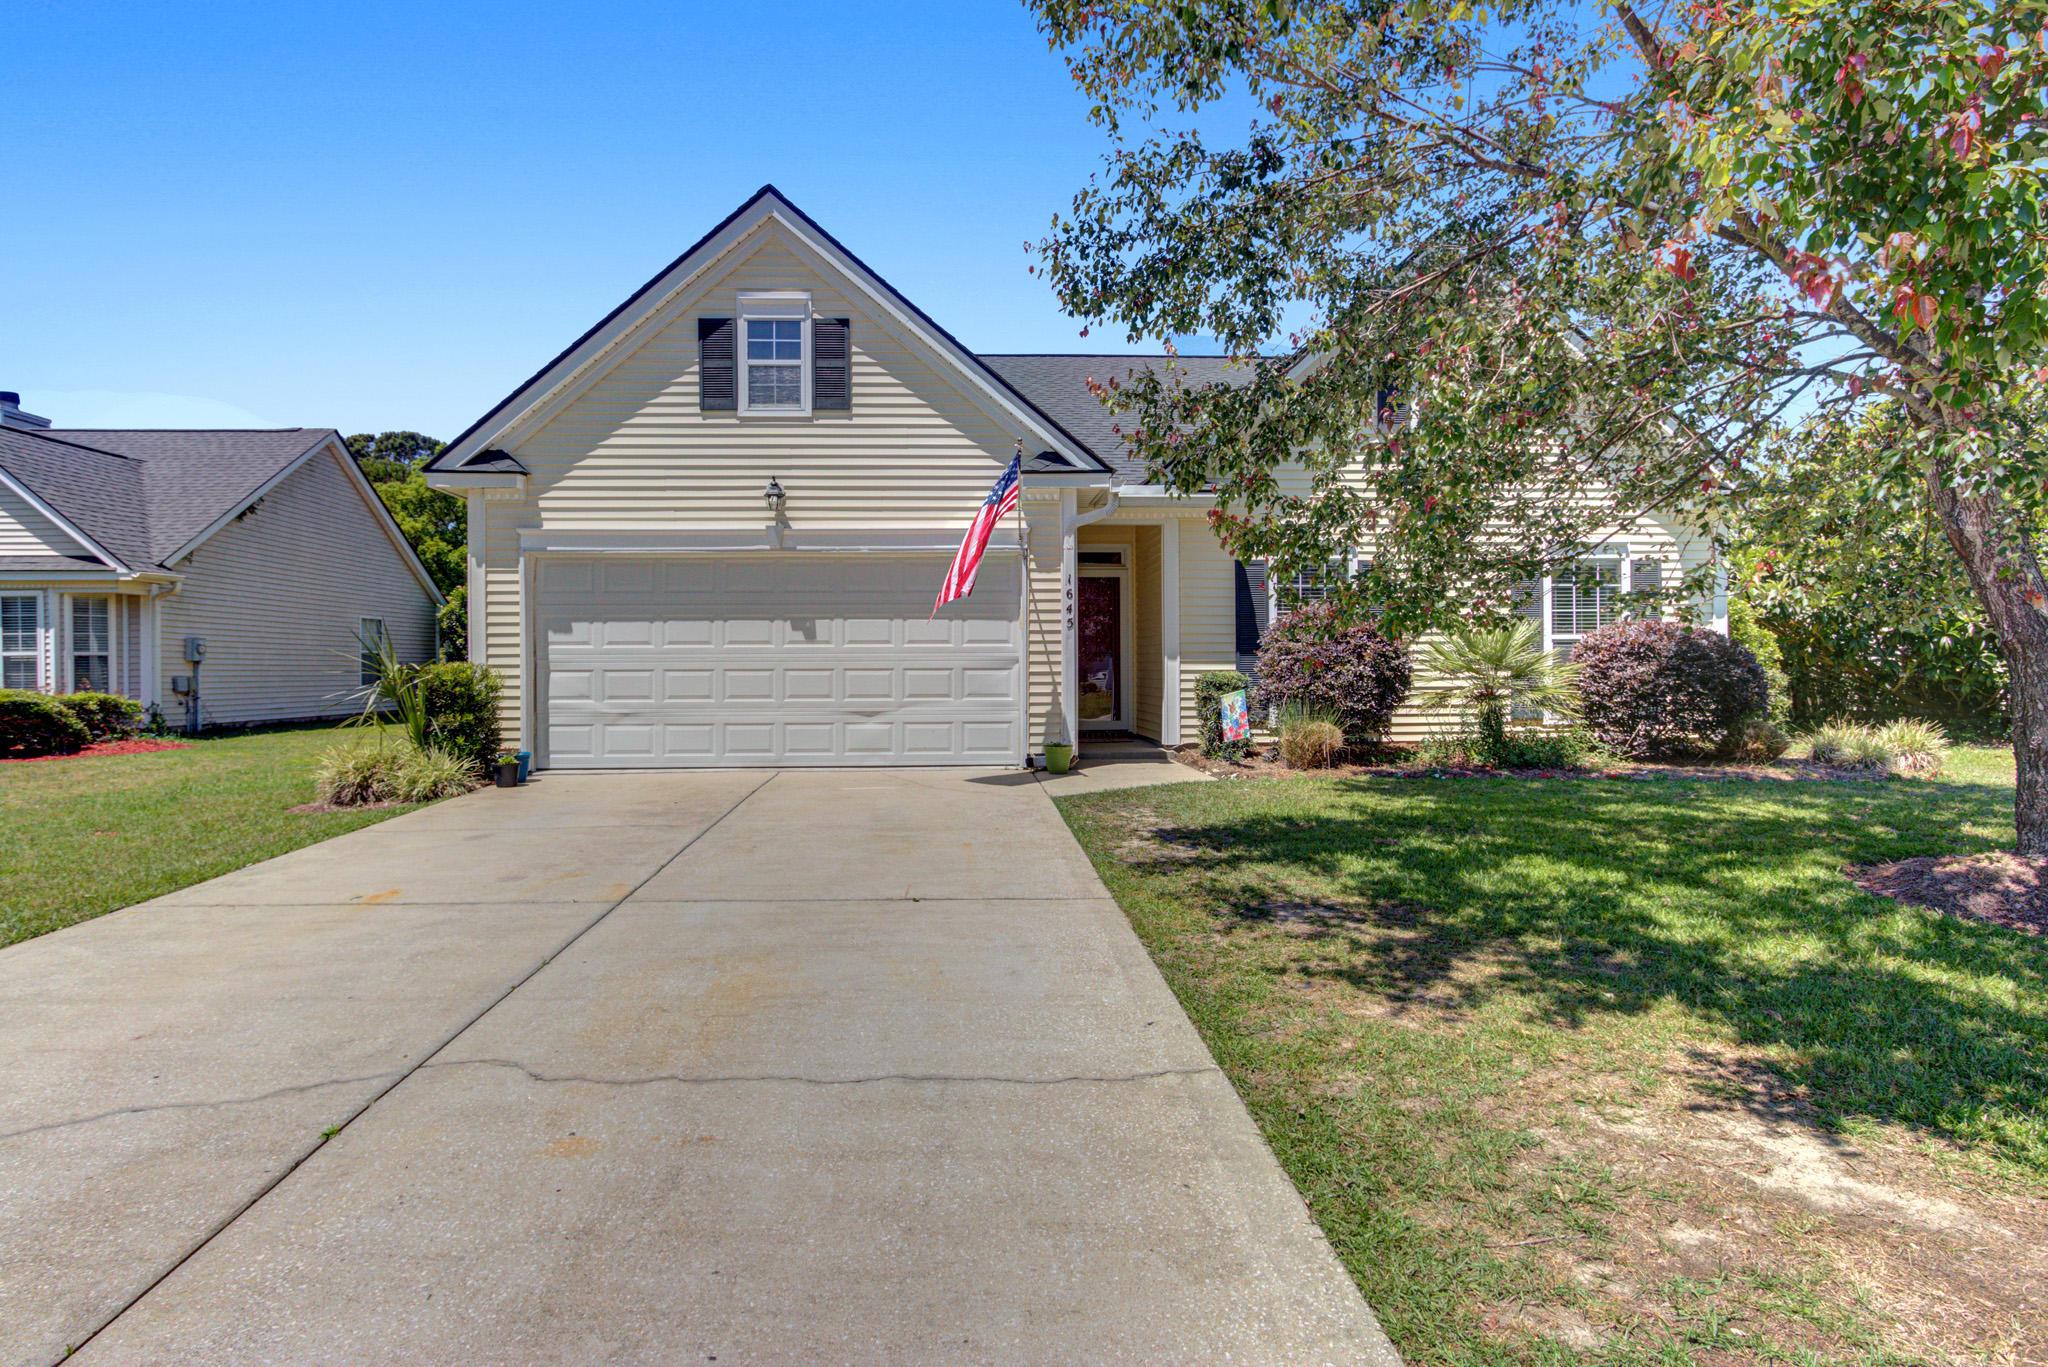 Dunes West Homes For Sale - 1645 Pin Oak Cut, Mount Pleasant, SC - 26